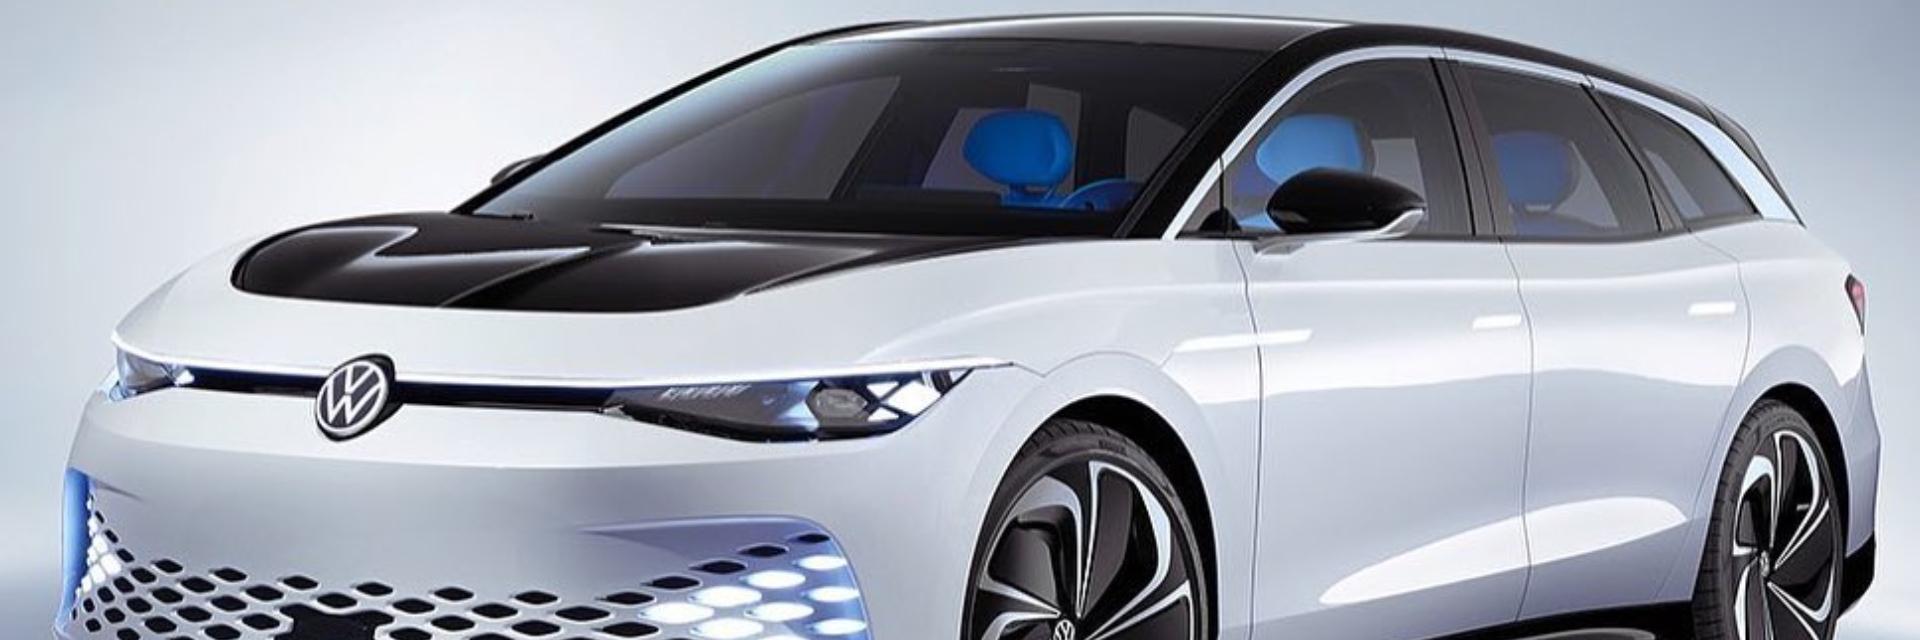 未來車上路!福斯推出電動車 Space Vizzion,揭開新時代旅行車的序幕!